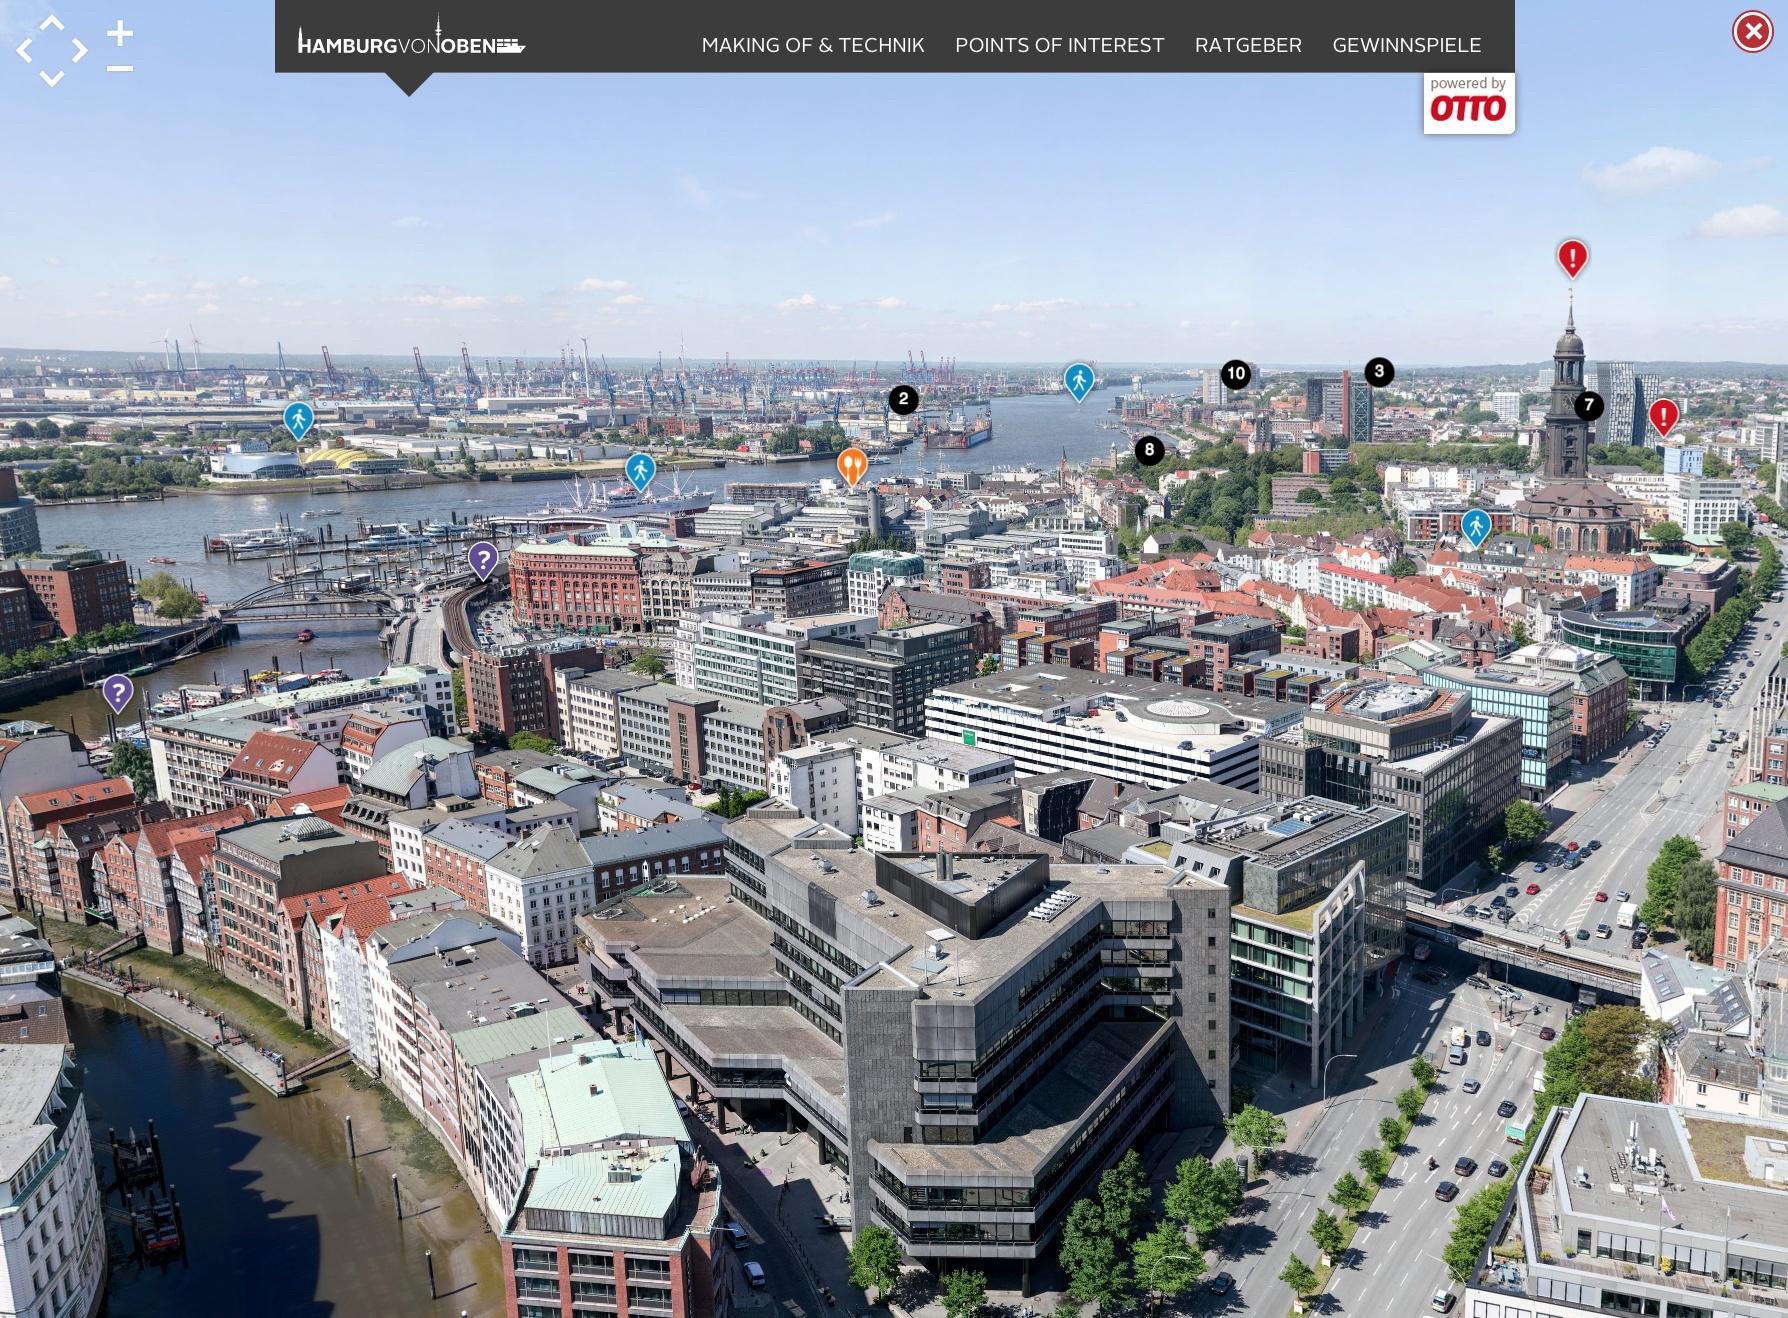 BI_150902_hamburg-gigapixel